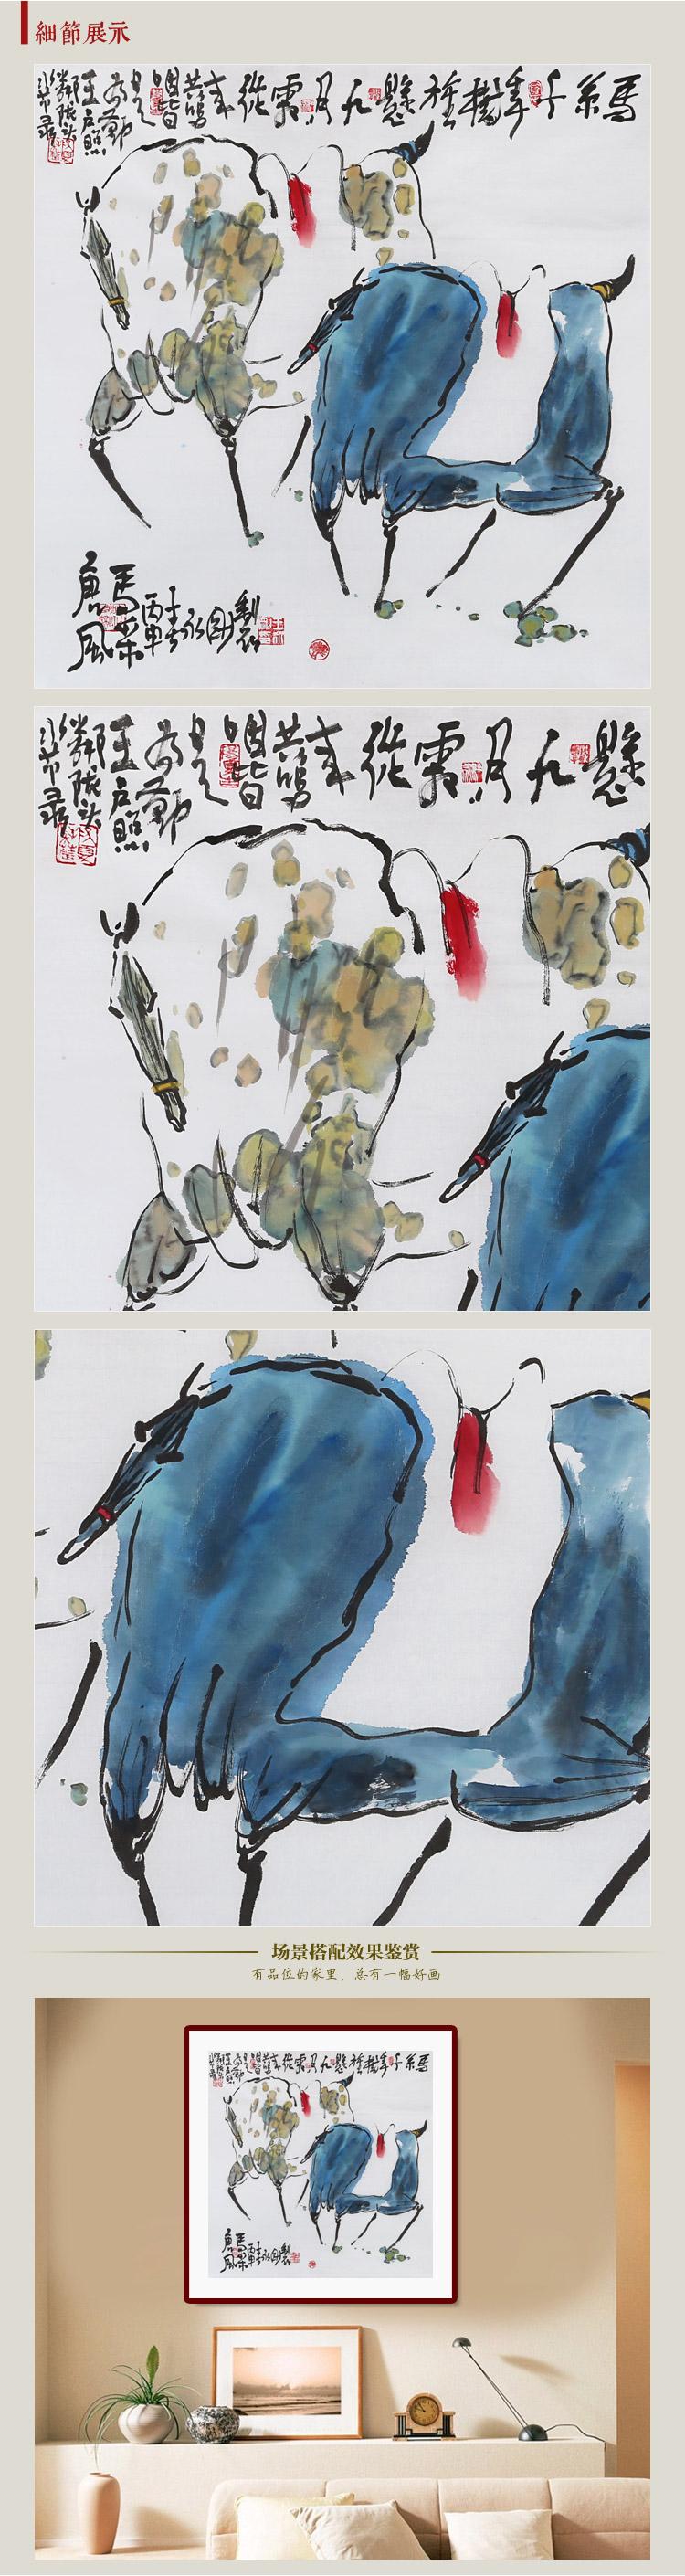 王永刚 《唐马风采》 传统水墨 写意动物